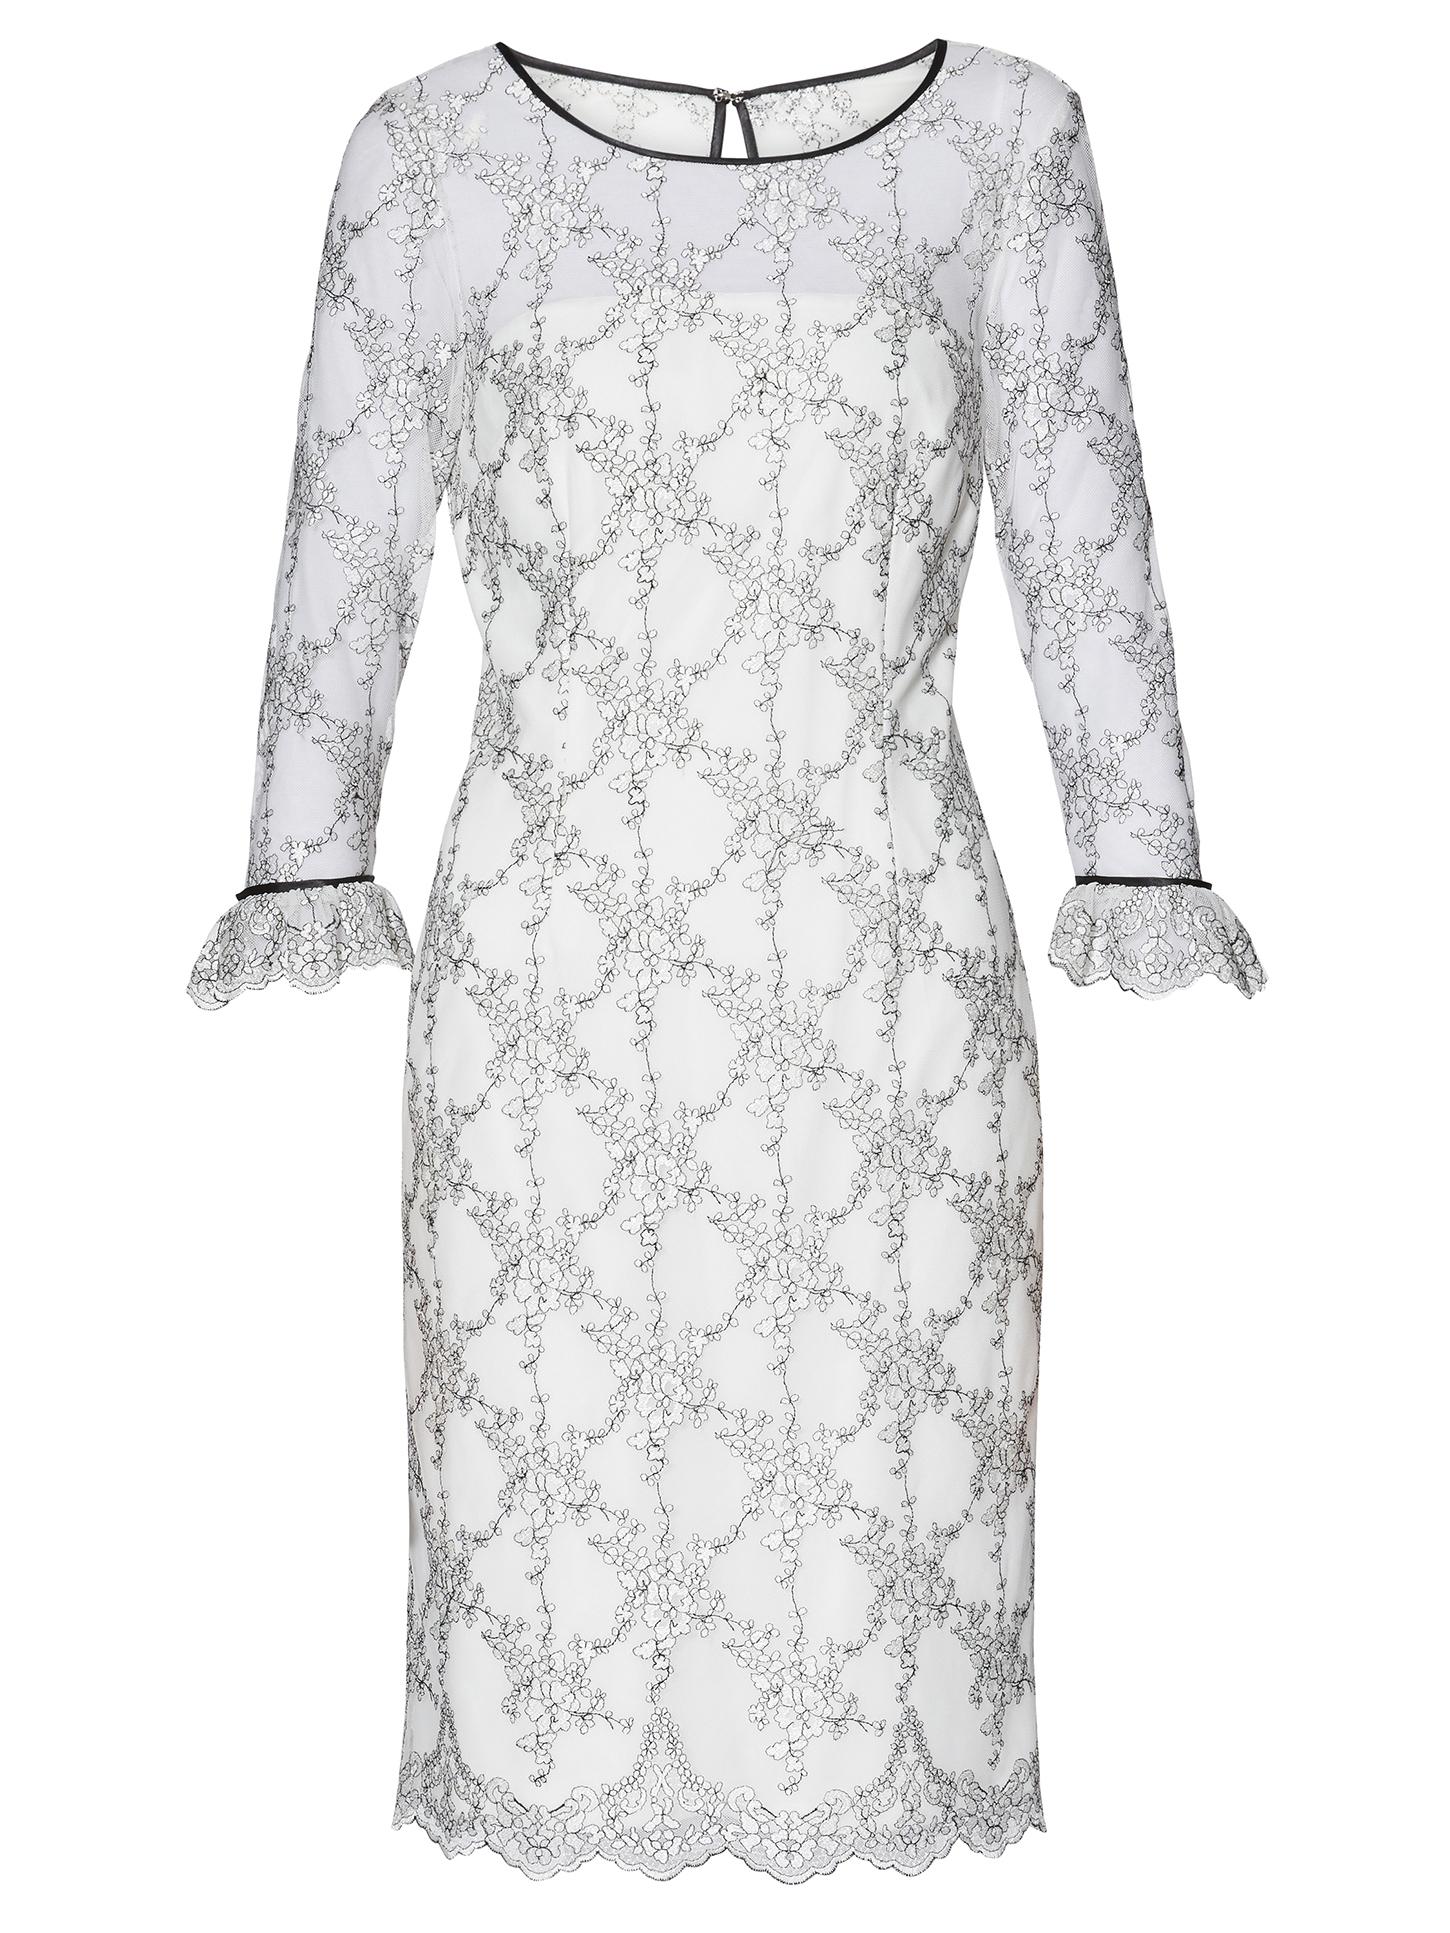 Misty Embroidery Dress